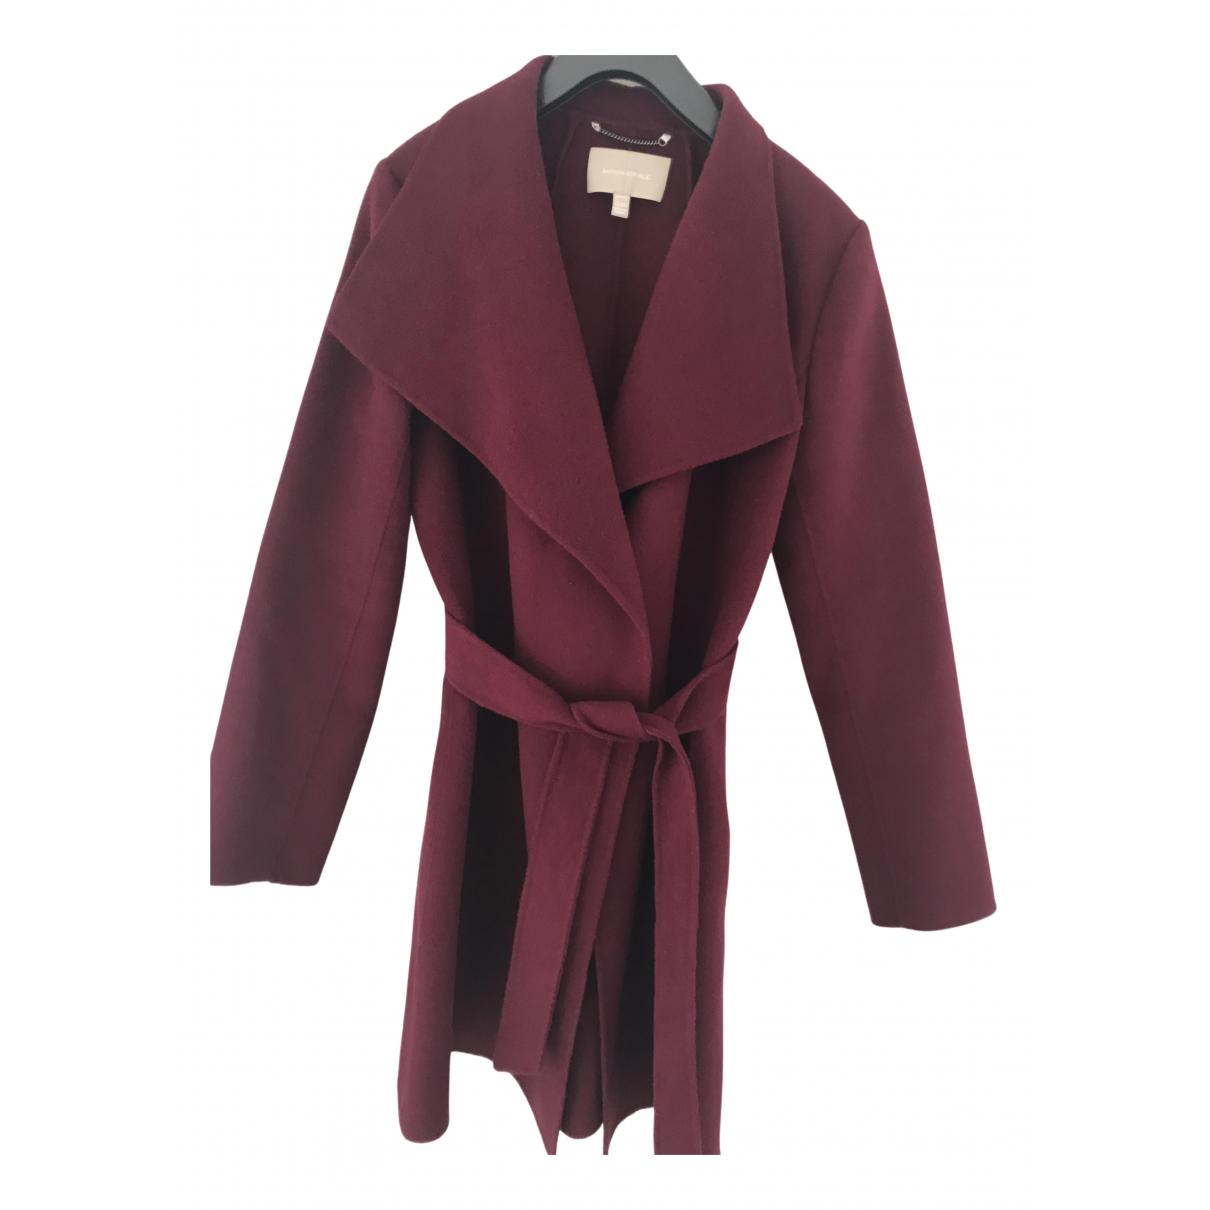 Banana Republic - Manteau   pour femme en laine - rose